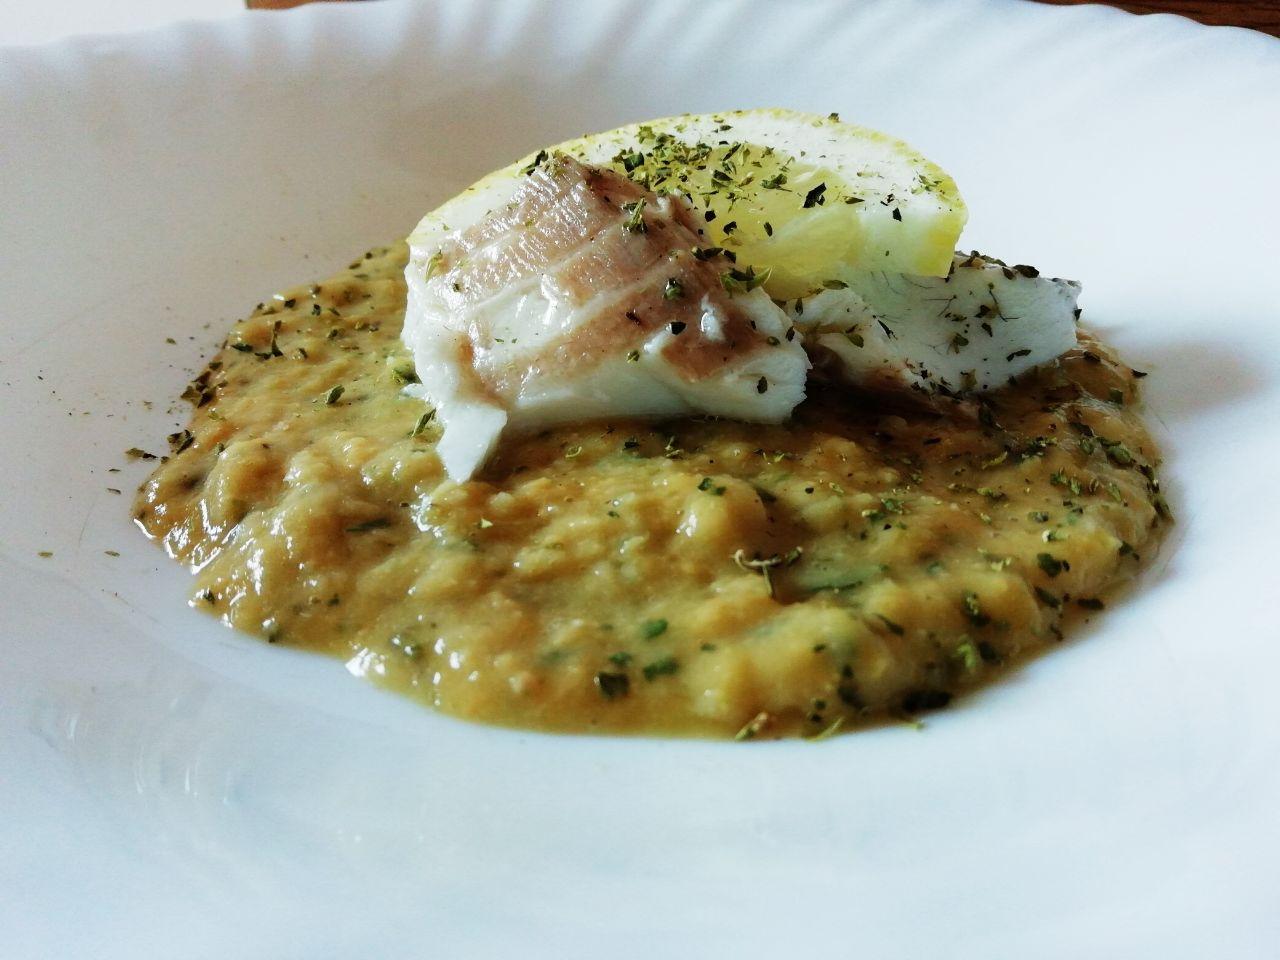 Secondi piatti a base di pesce: filetto di orata su crema di ceci al limone!